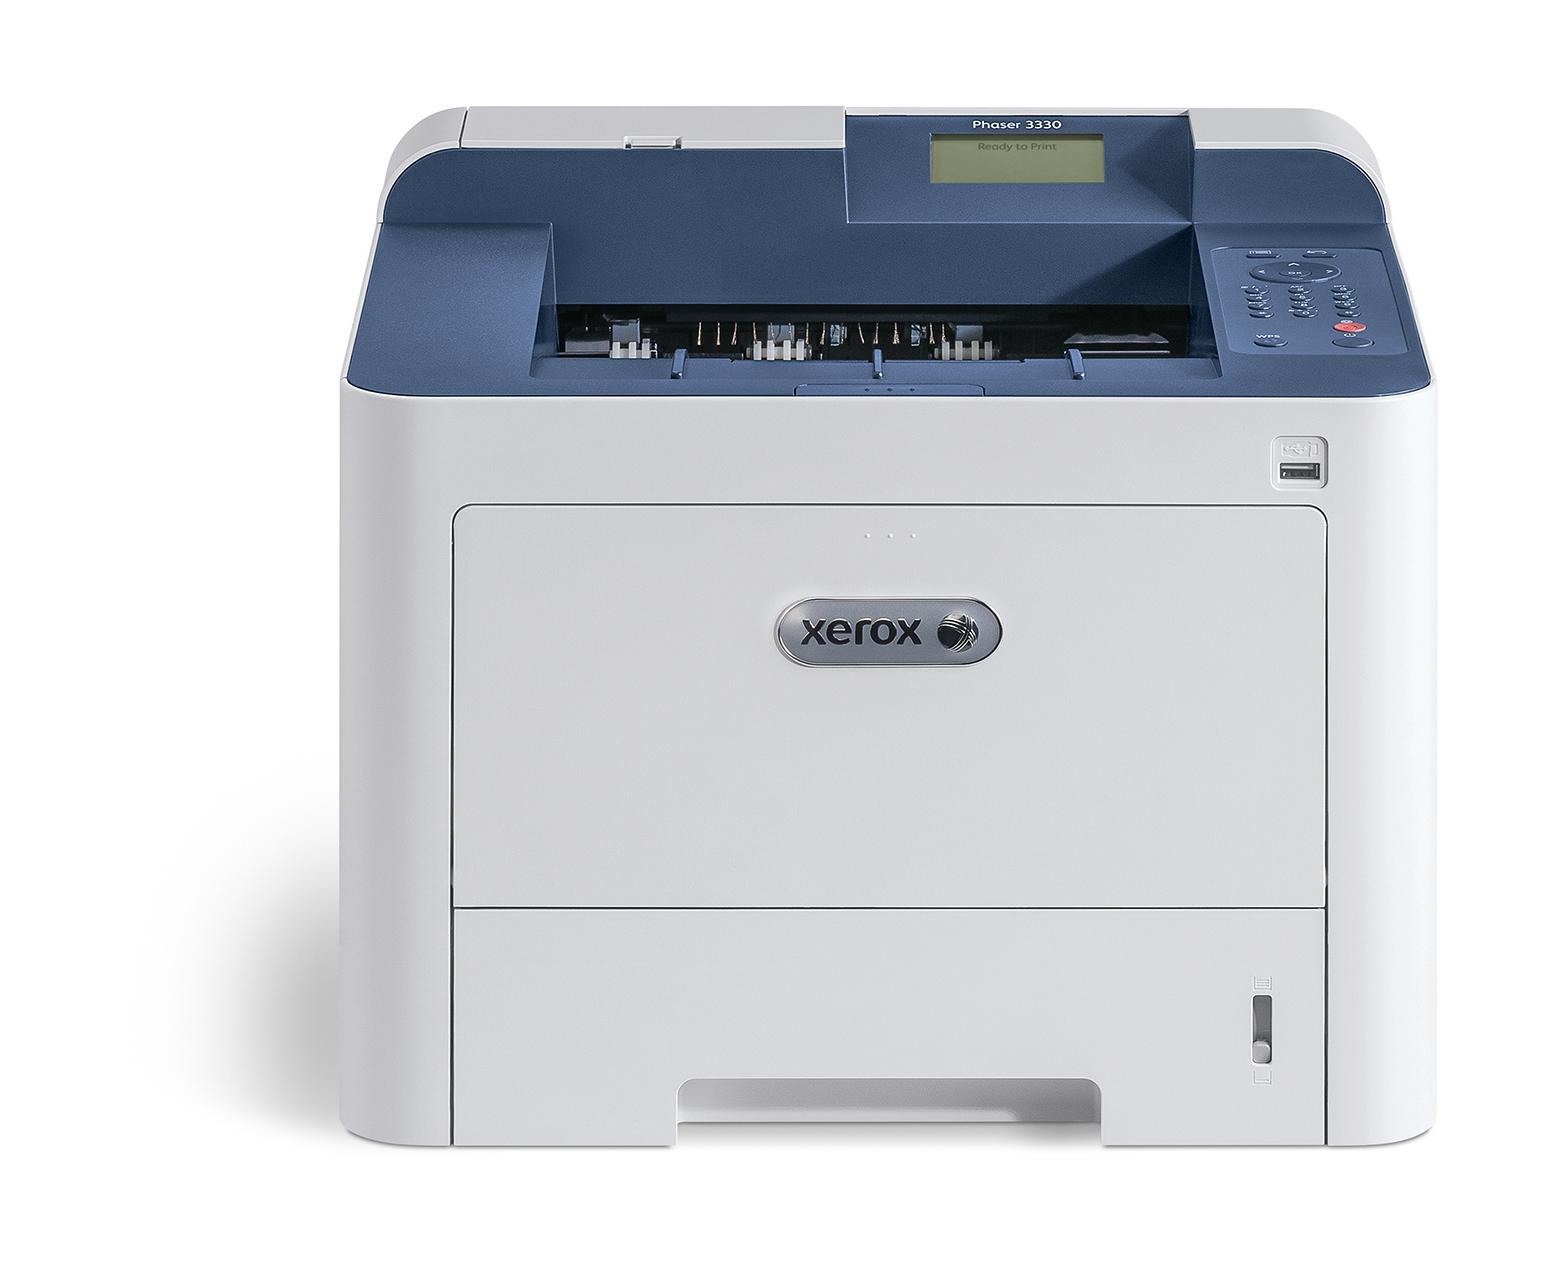 Xerox Phaser 3330 A4 40 ppm draadloze dubbelzijdige printer PS3 PCL5e/6 2 laden totaal 300 vel